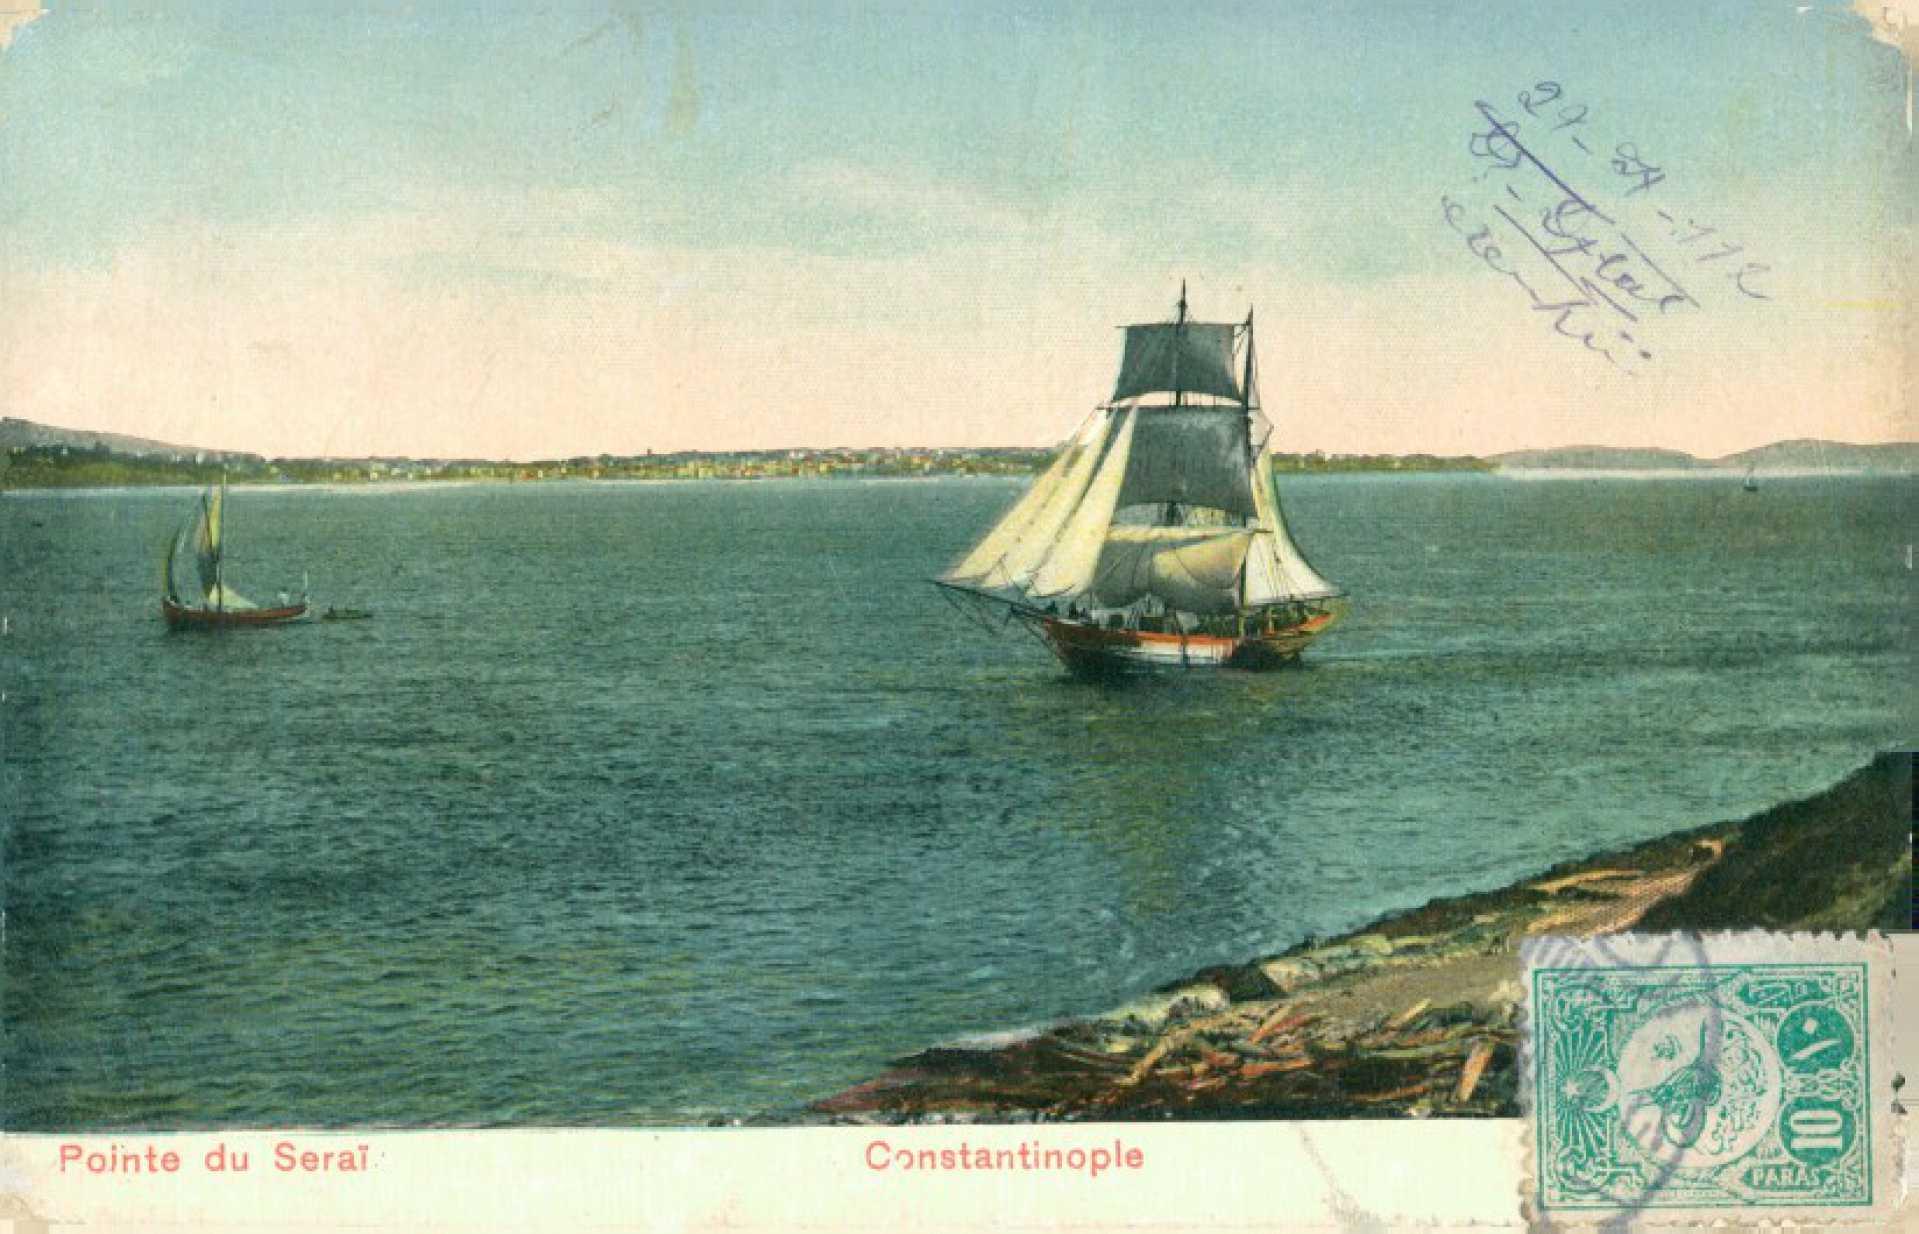 Pointe du Serai